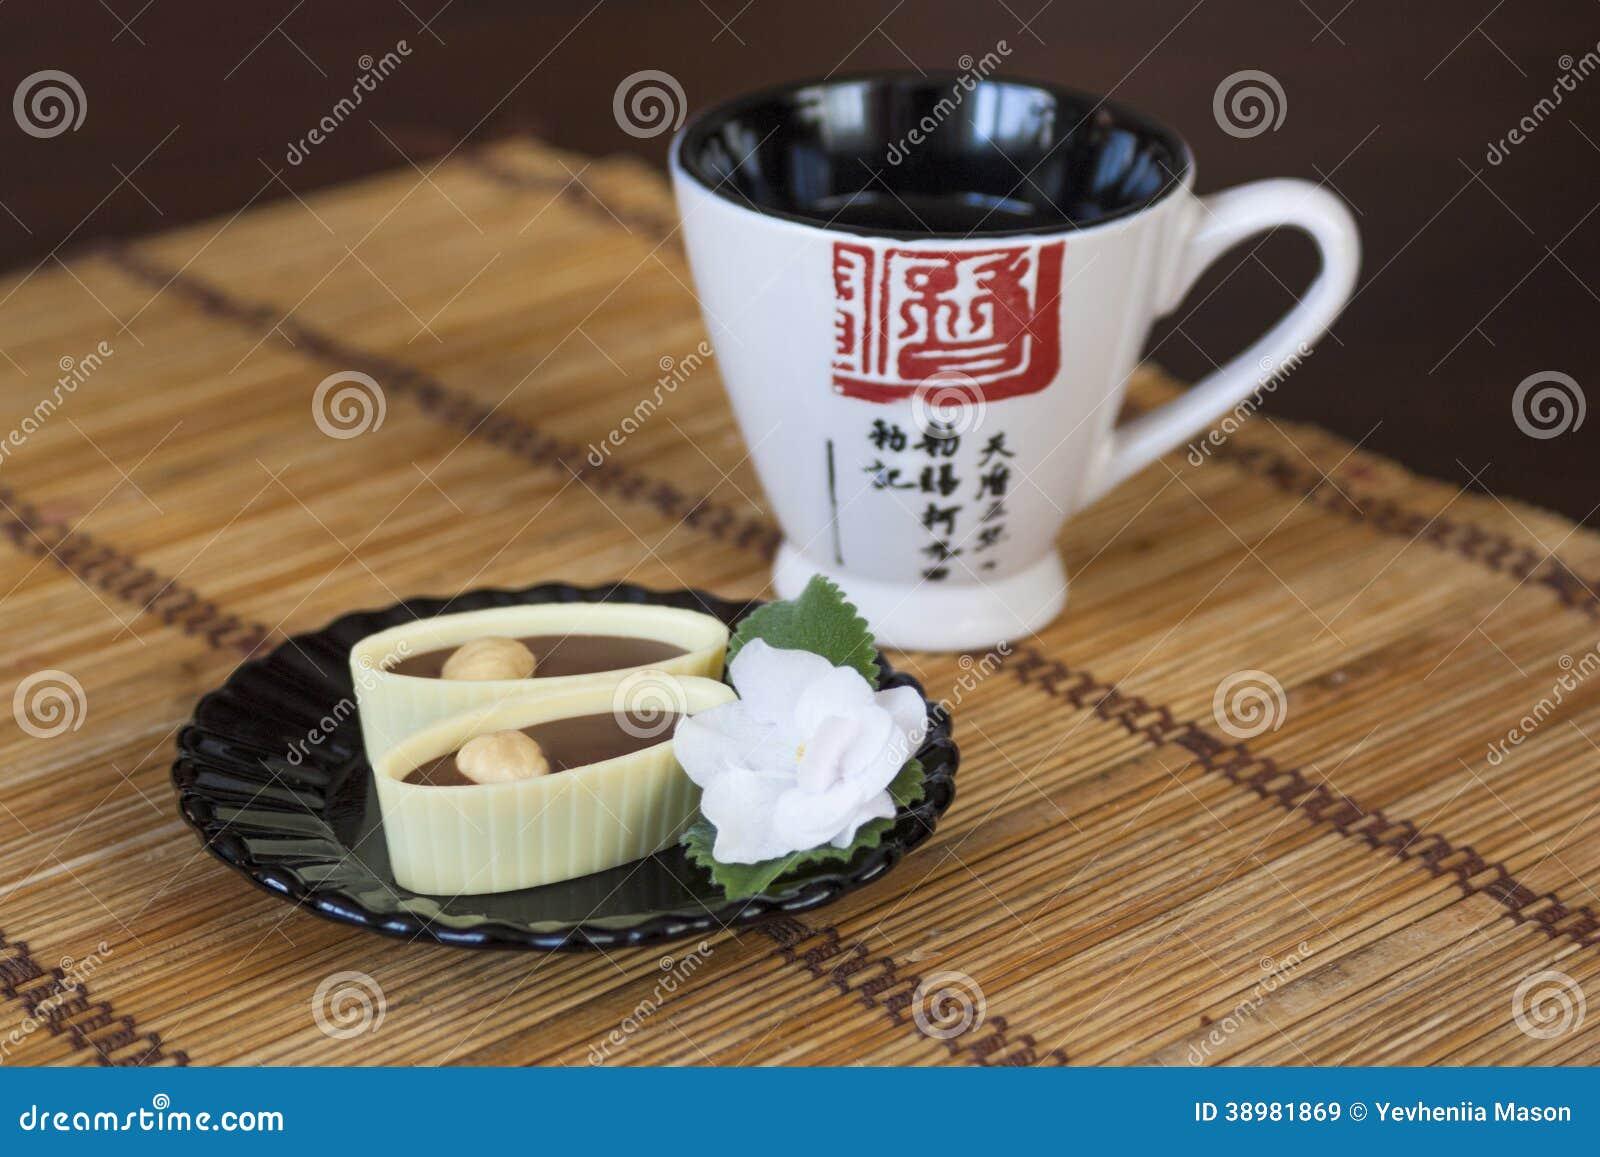 Japanse theetraditie